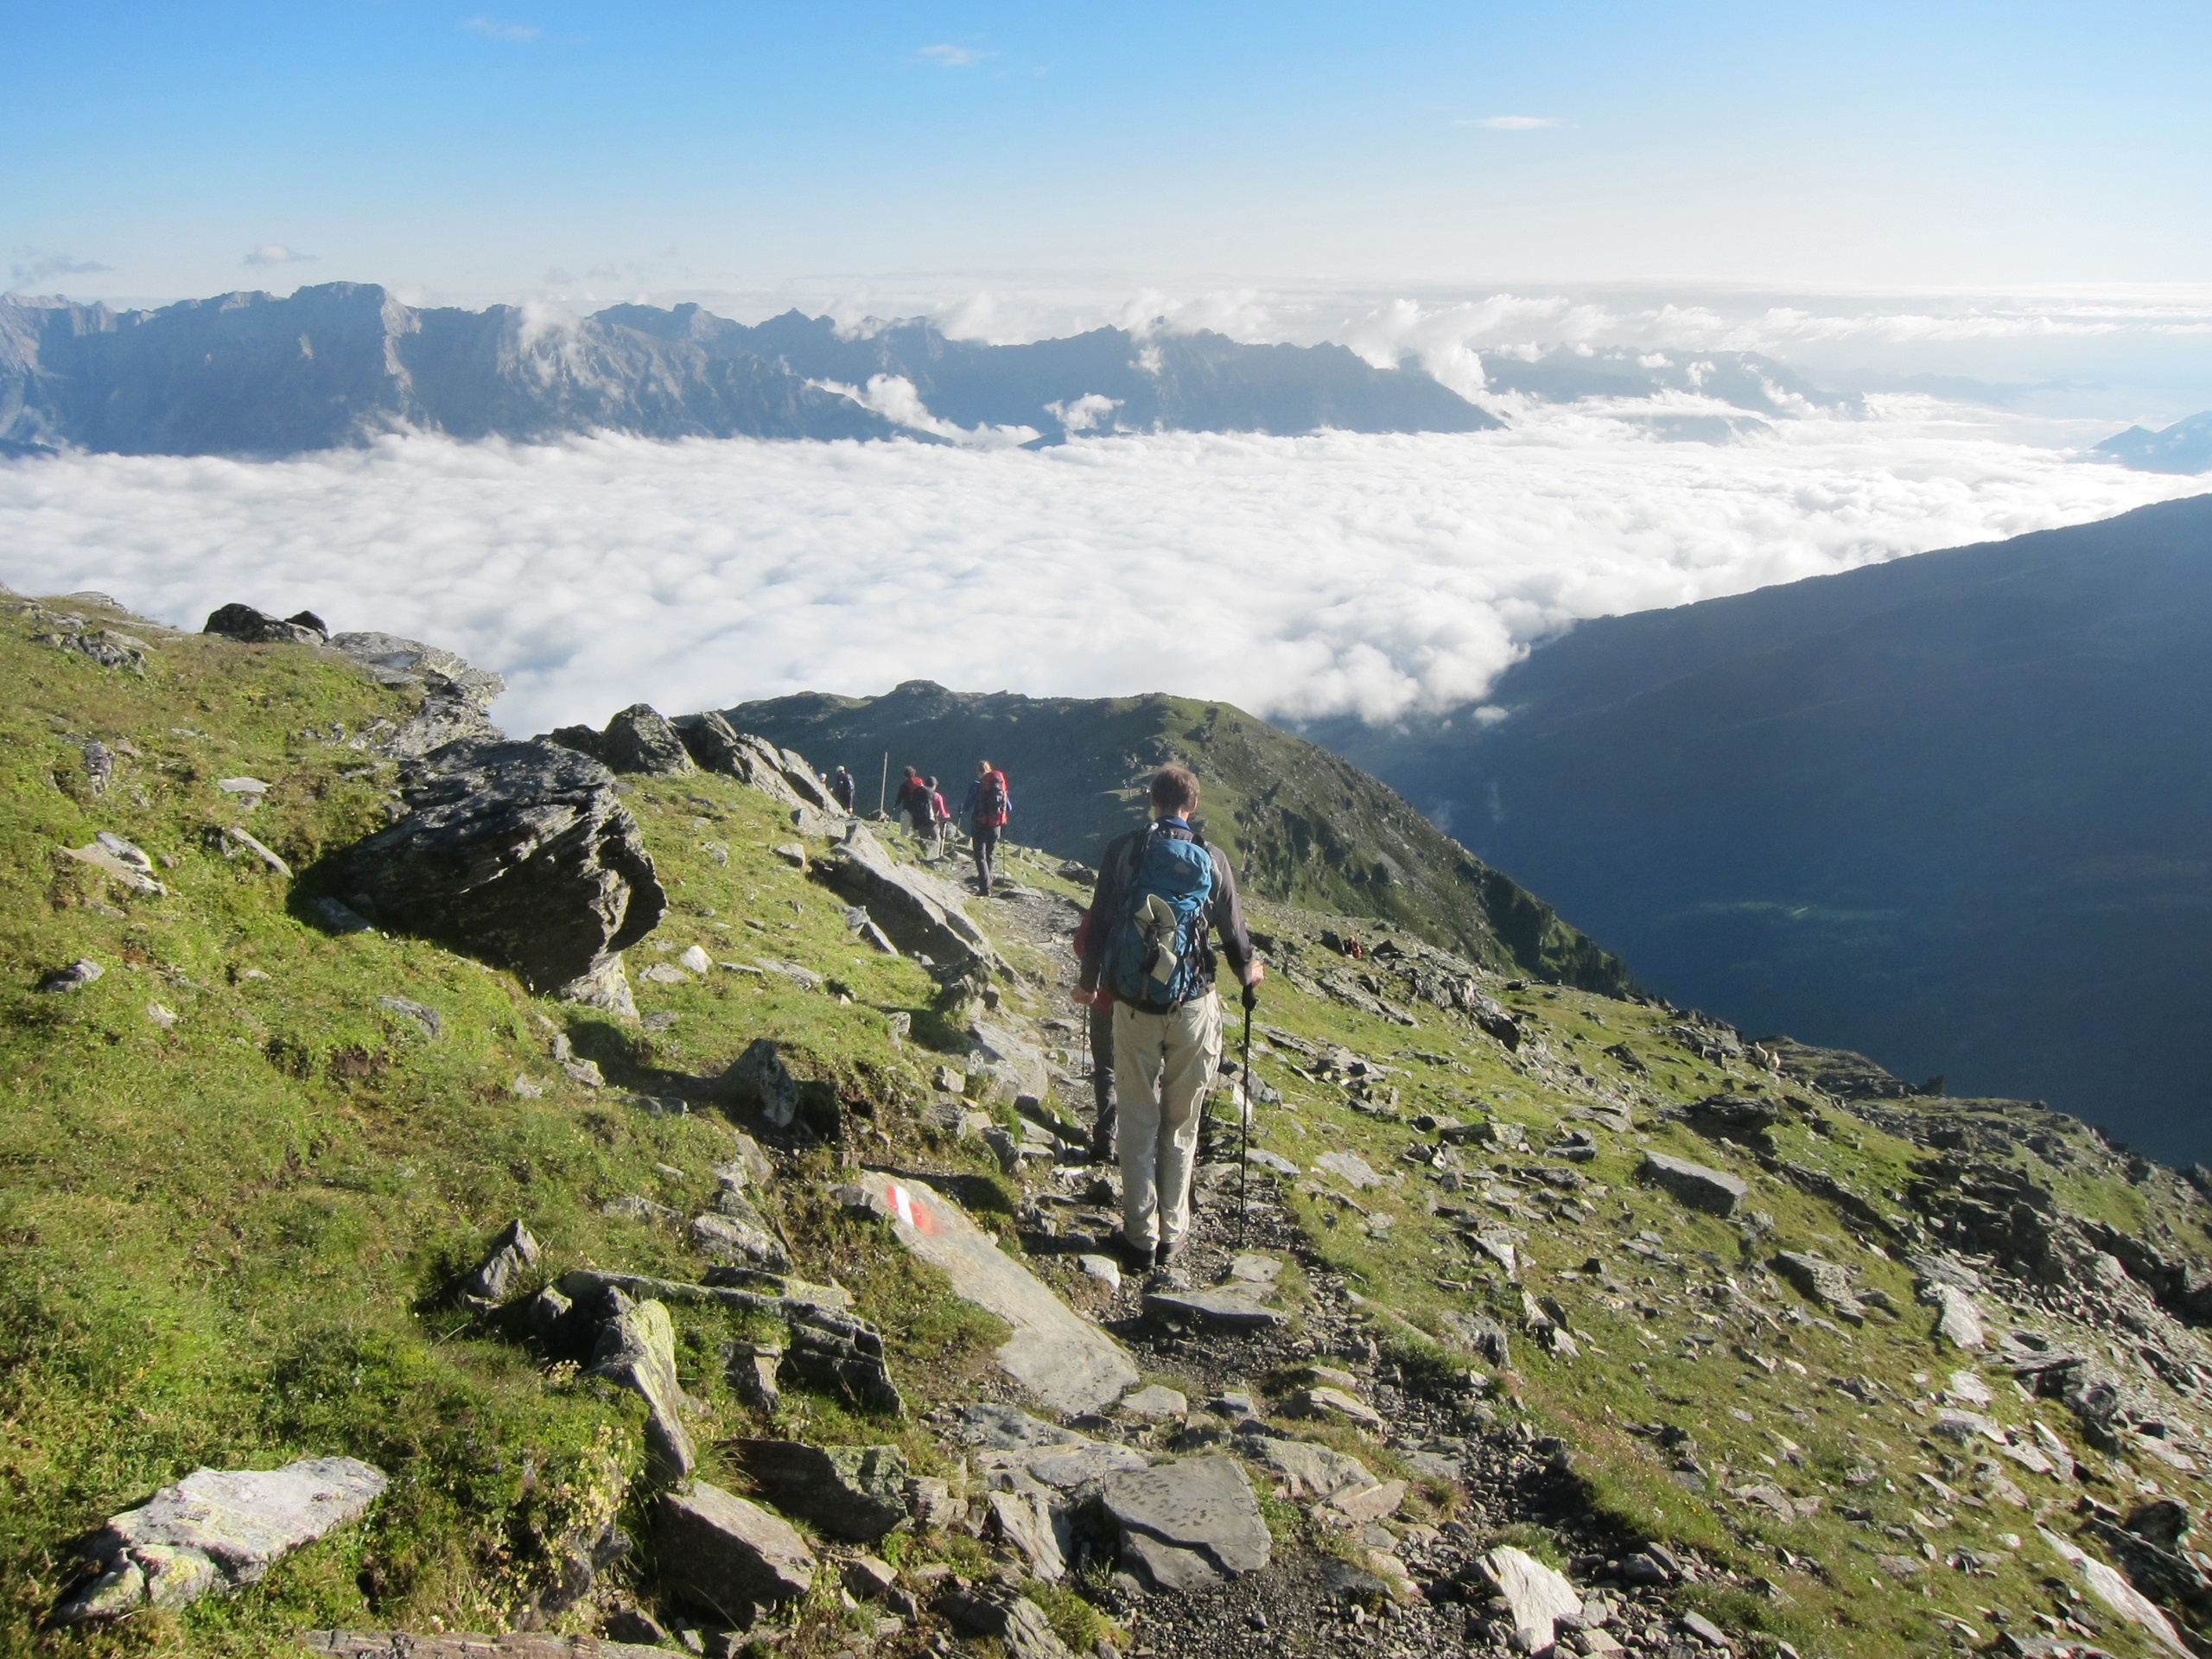 Oostenrijk - Zillertaler Alpen, etappe 2